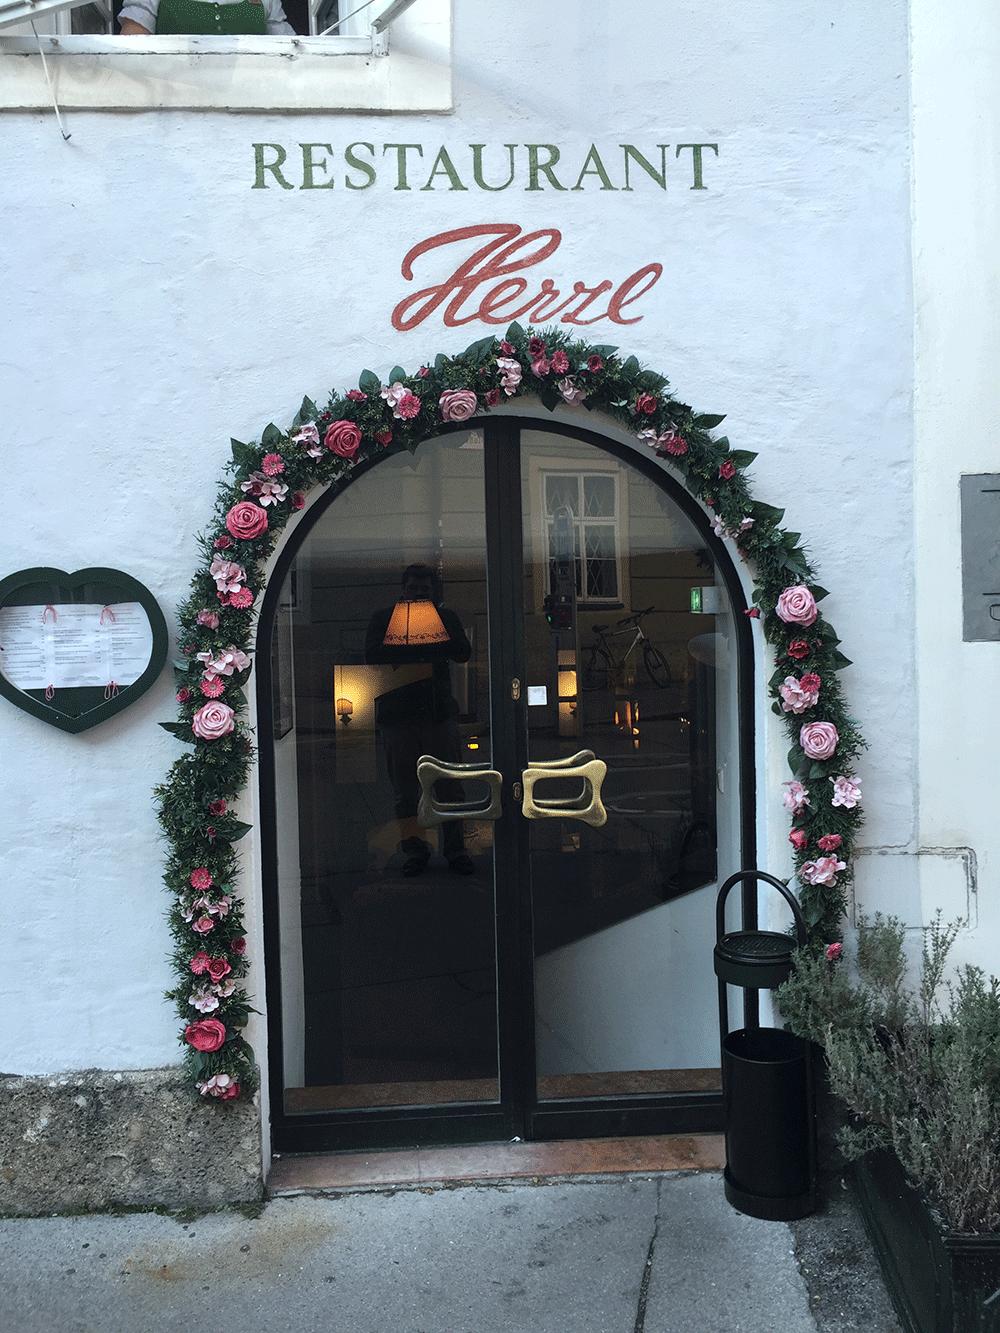 Herzl'in şirin kapısı